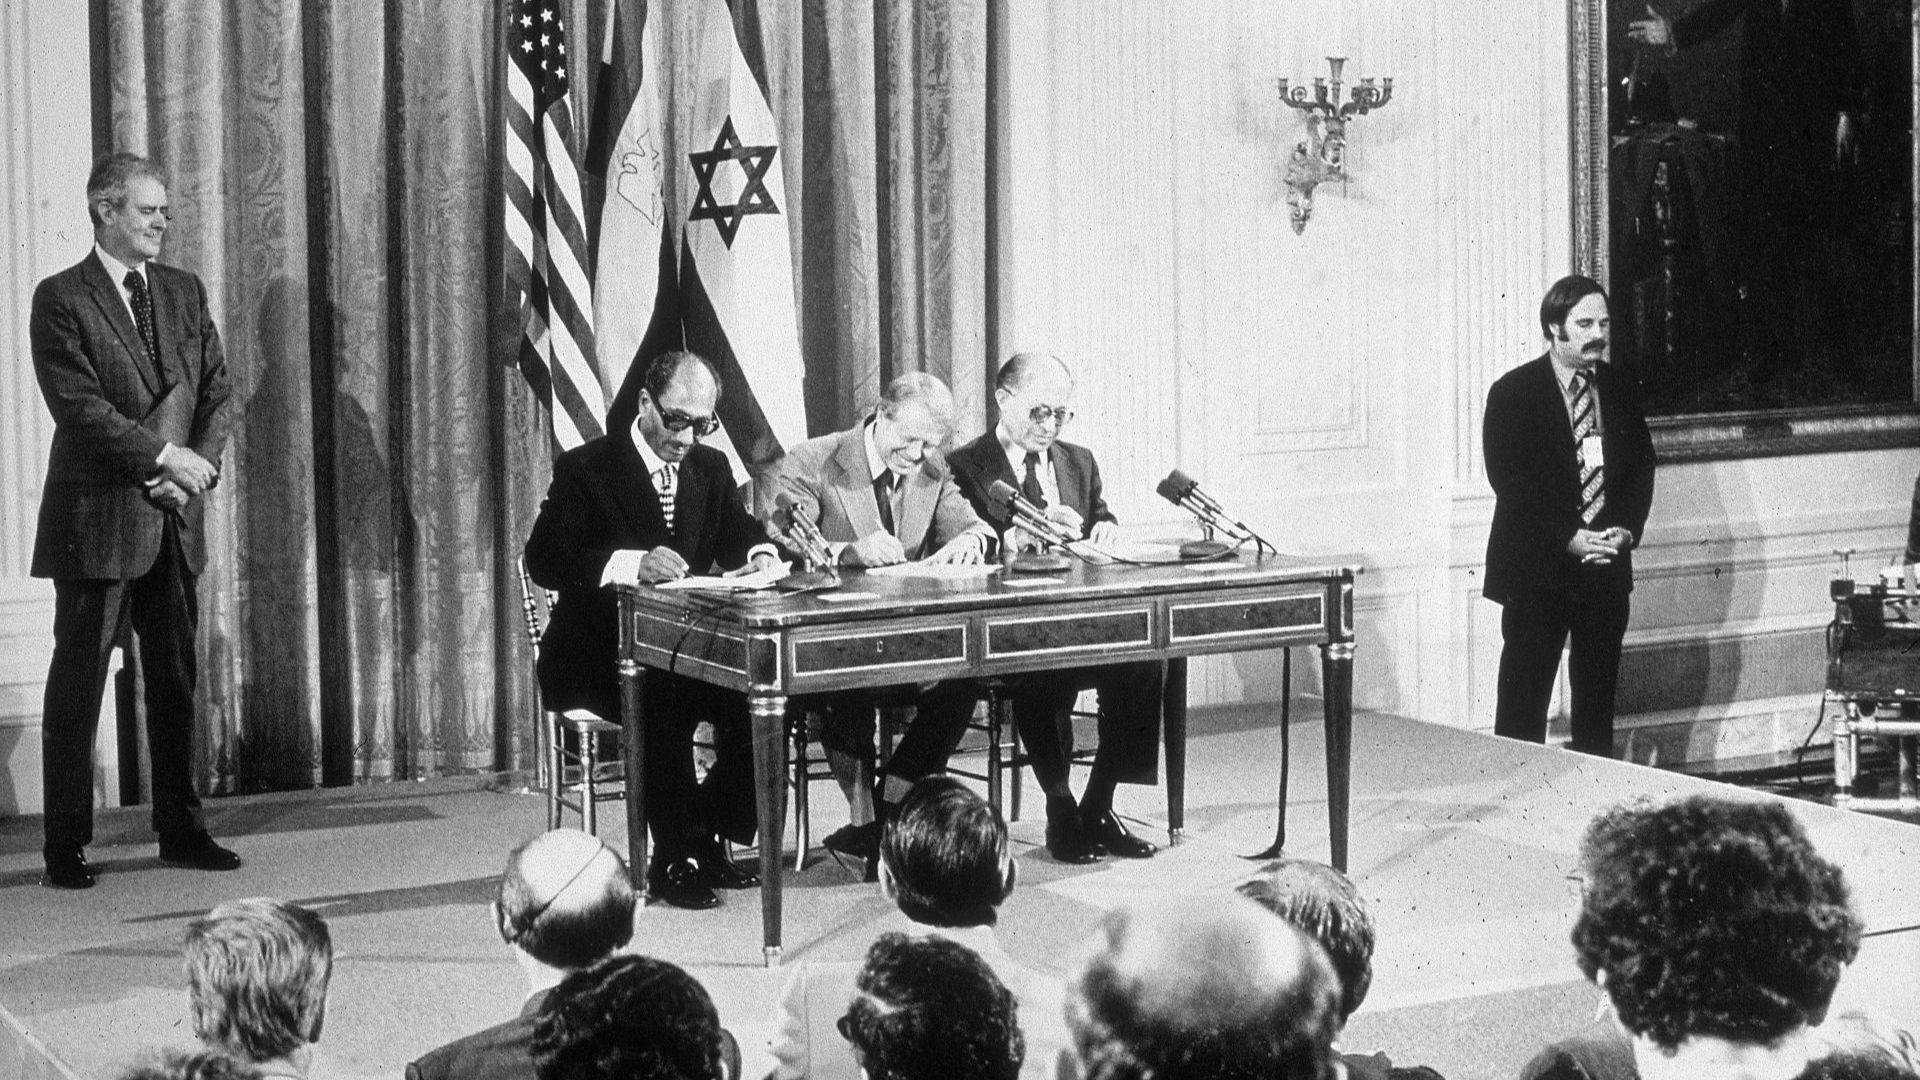 Египетският президент Анвар Садар, американският президент Джими Картър и израелският премиер Менахем Бегин подписват египетско-израелското мирно споразумение във Вашингтон през 1978-а